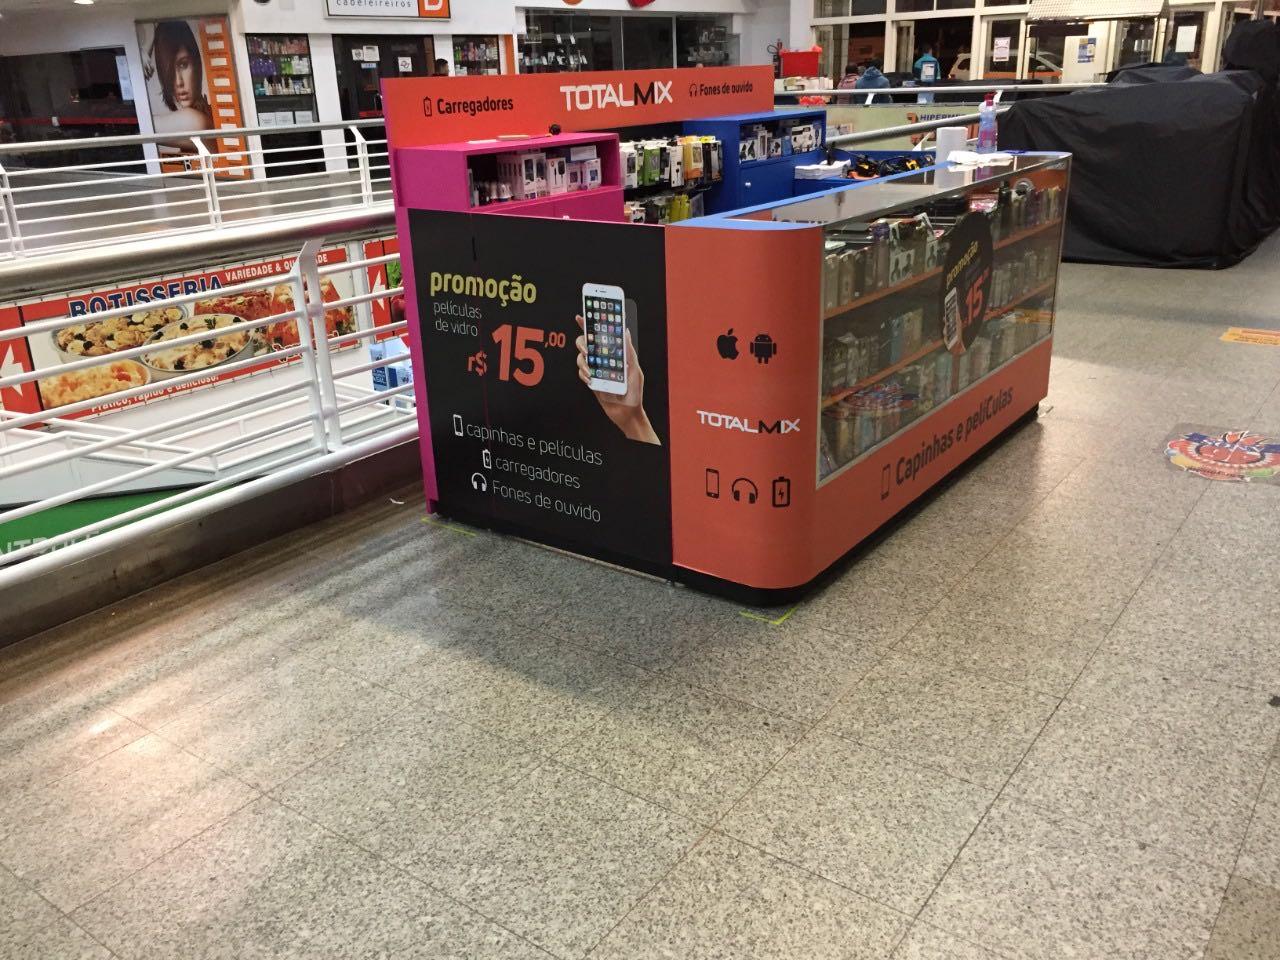 Envelopamento de quiosque em supermercado